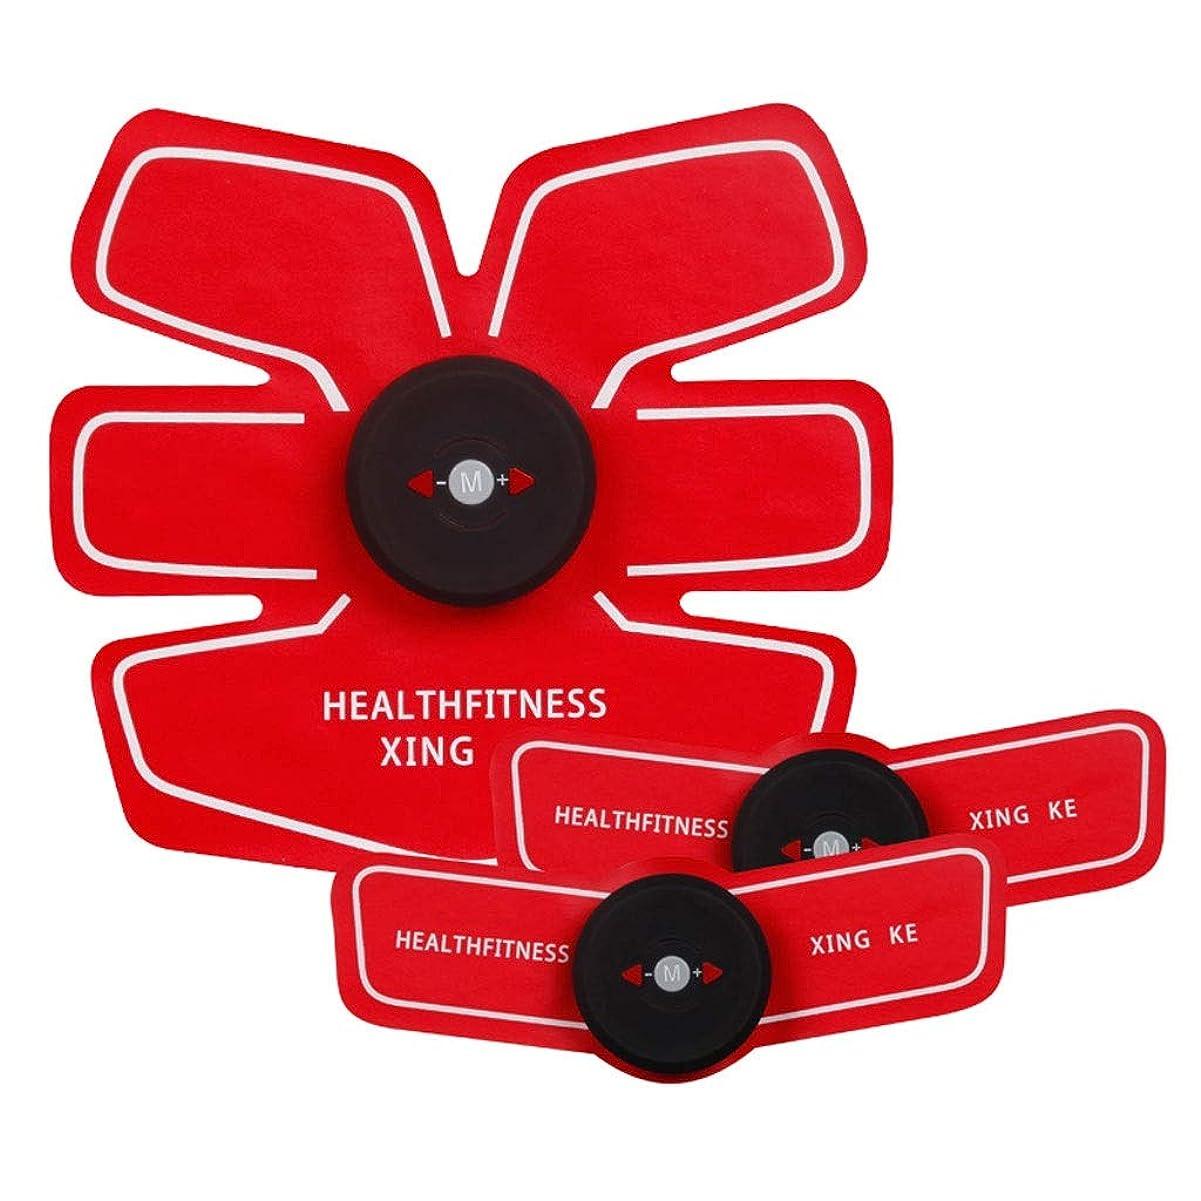 適切な土支援するABSトレーナーEMS筋肉刺激装置付きLCDディスプレイUSB充電式究極腹部刺激装置付きリズムソフトインパルス6モード9レベルポータブル (Color : Red, Size : A+2B)